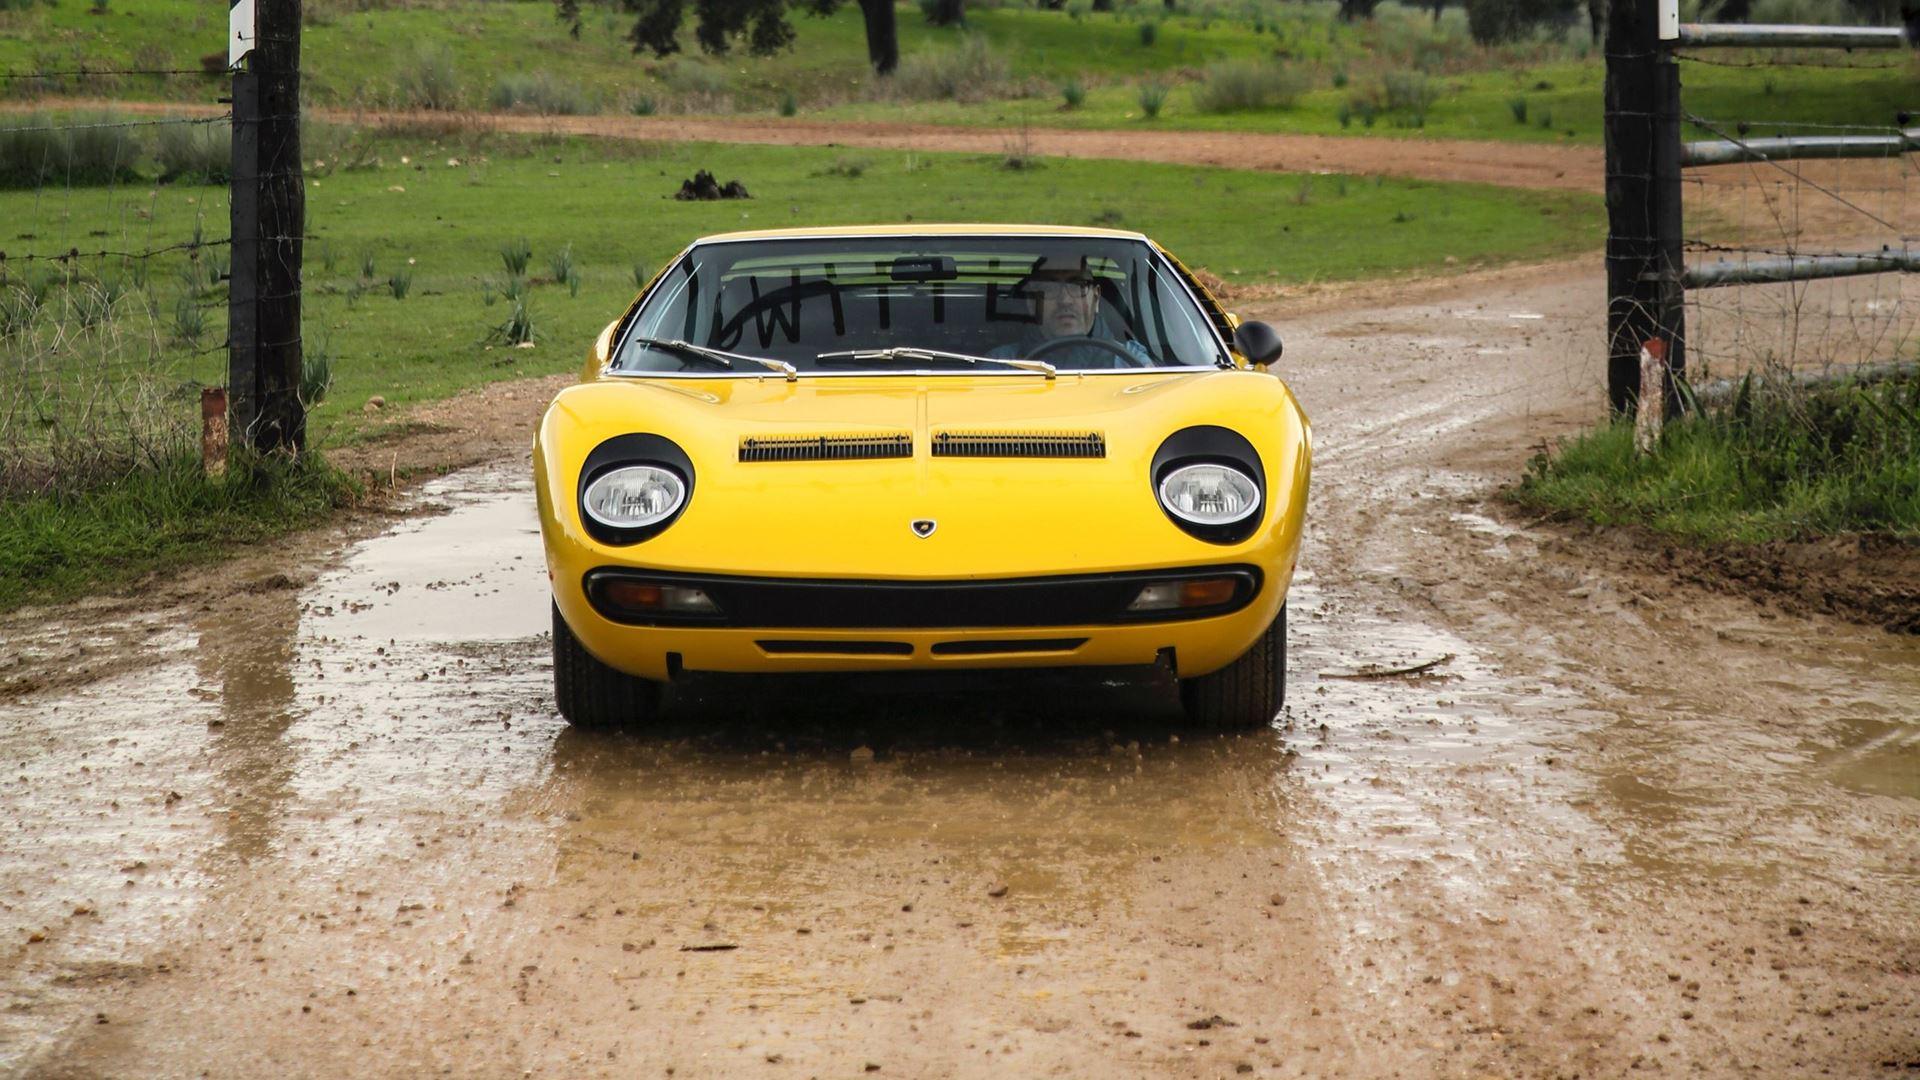 Lamborghini Miura SV turns 50 in 2021 - Image 3